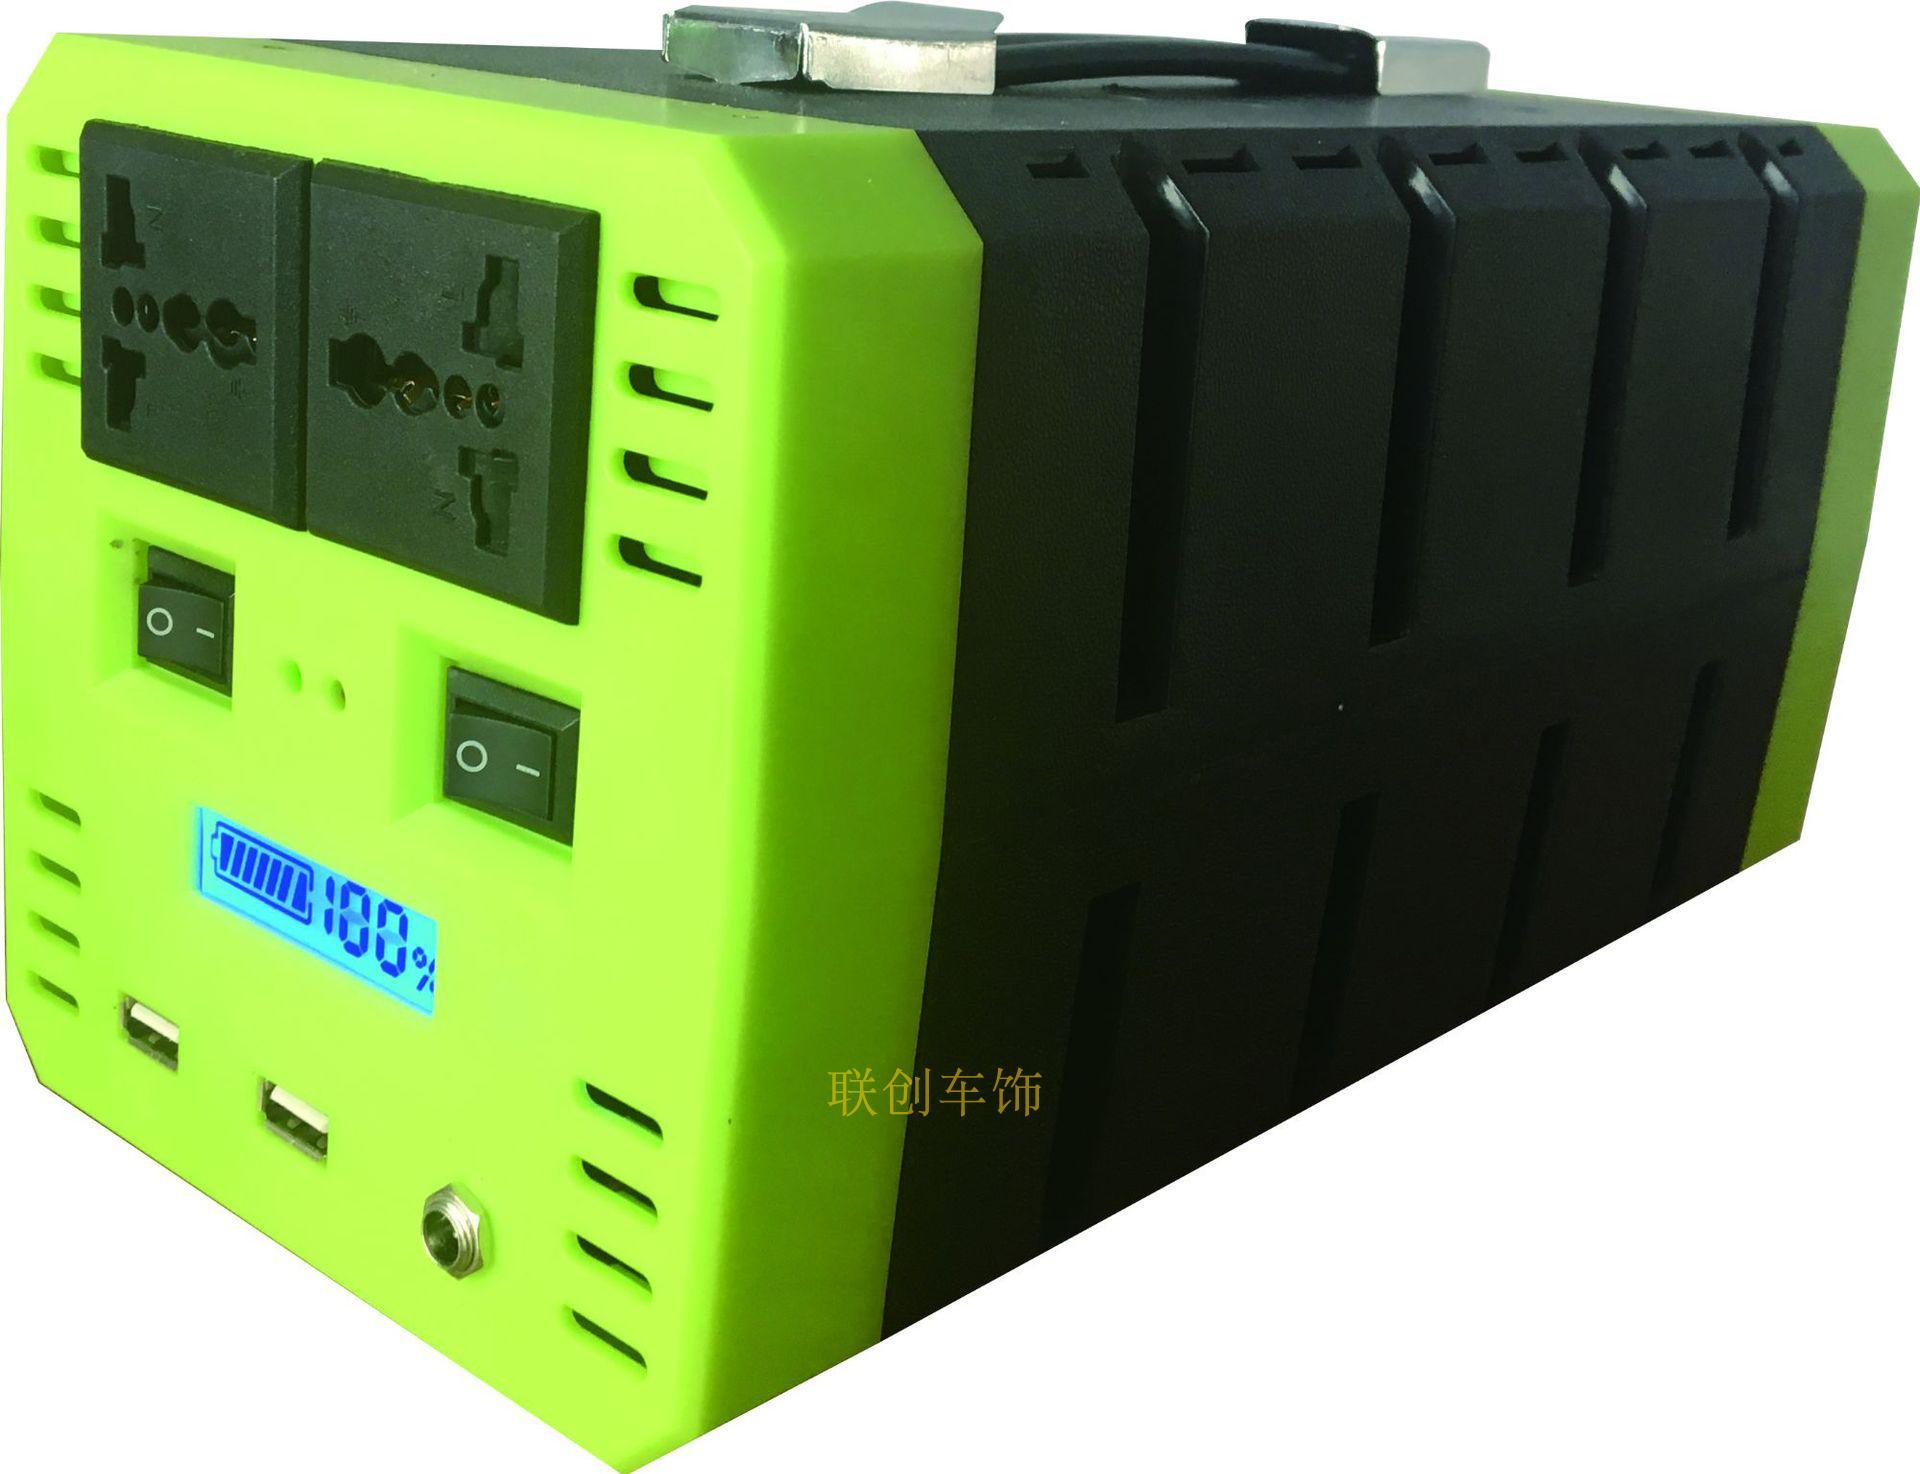 220V锂电池大容量手机笔记本电脑户外移动电源停电备用电池电瓶